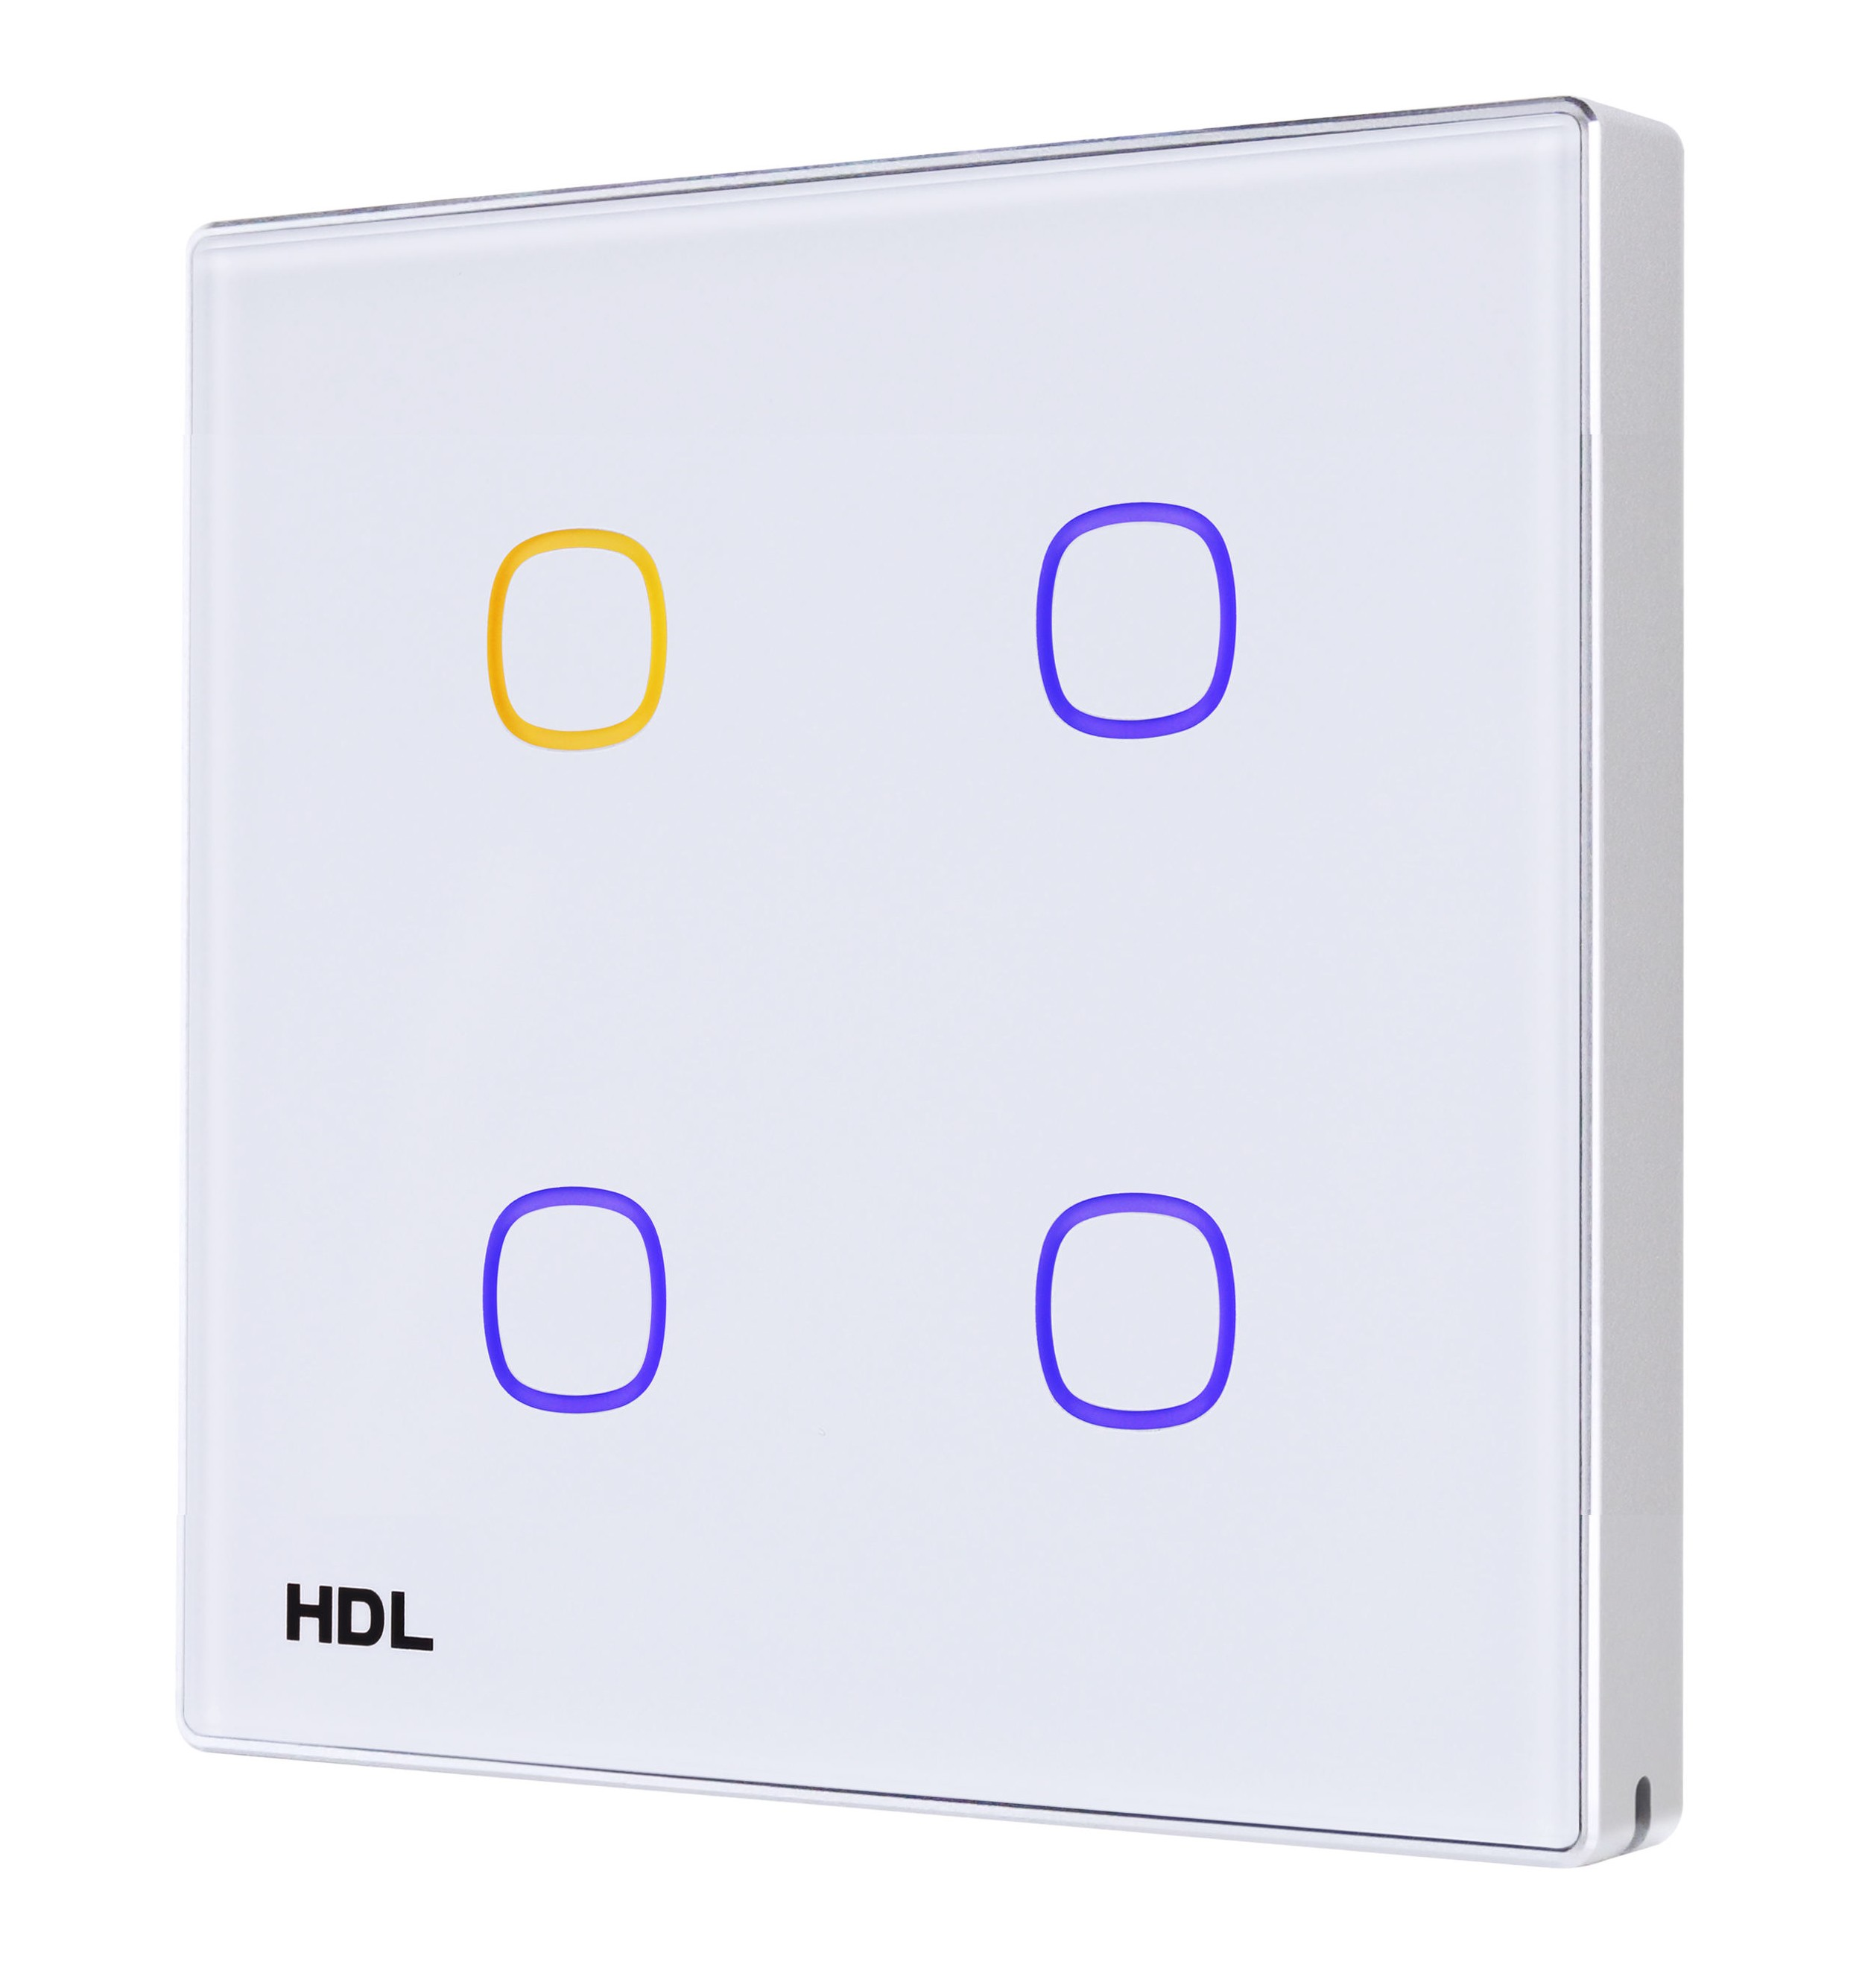 Obr. 1. Příklad nástěnného ovladače HDL řady iTouch; individuálně nastavitelné barvy podsvícení dotykových bodů indikují stav zapnuto/ vypnuto